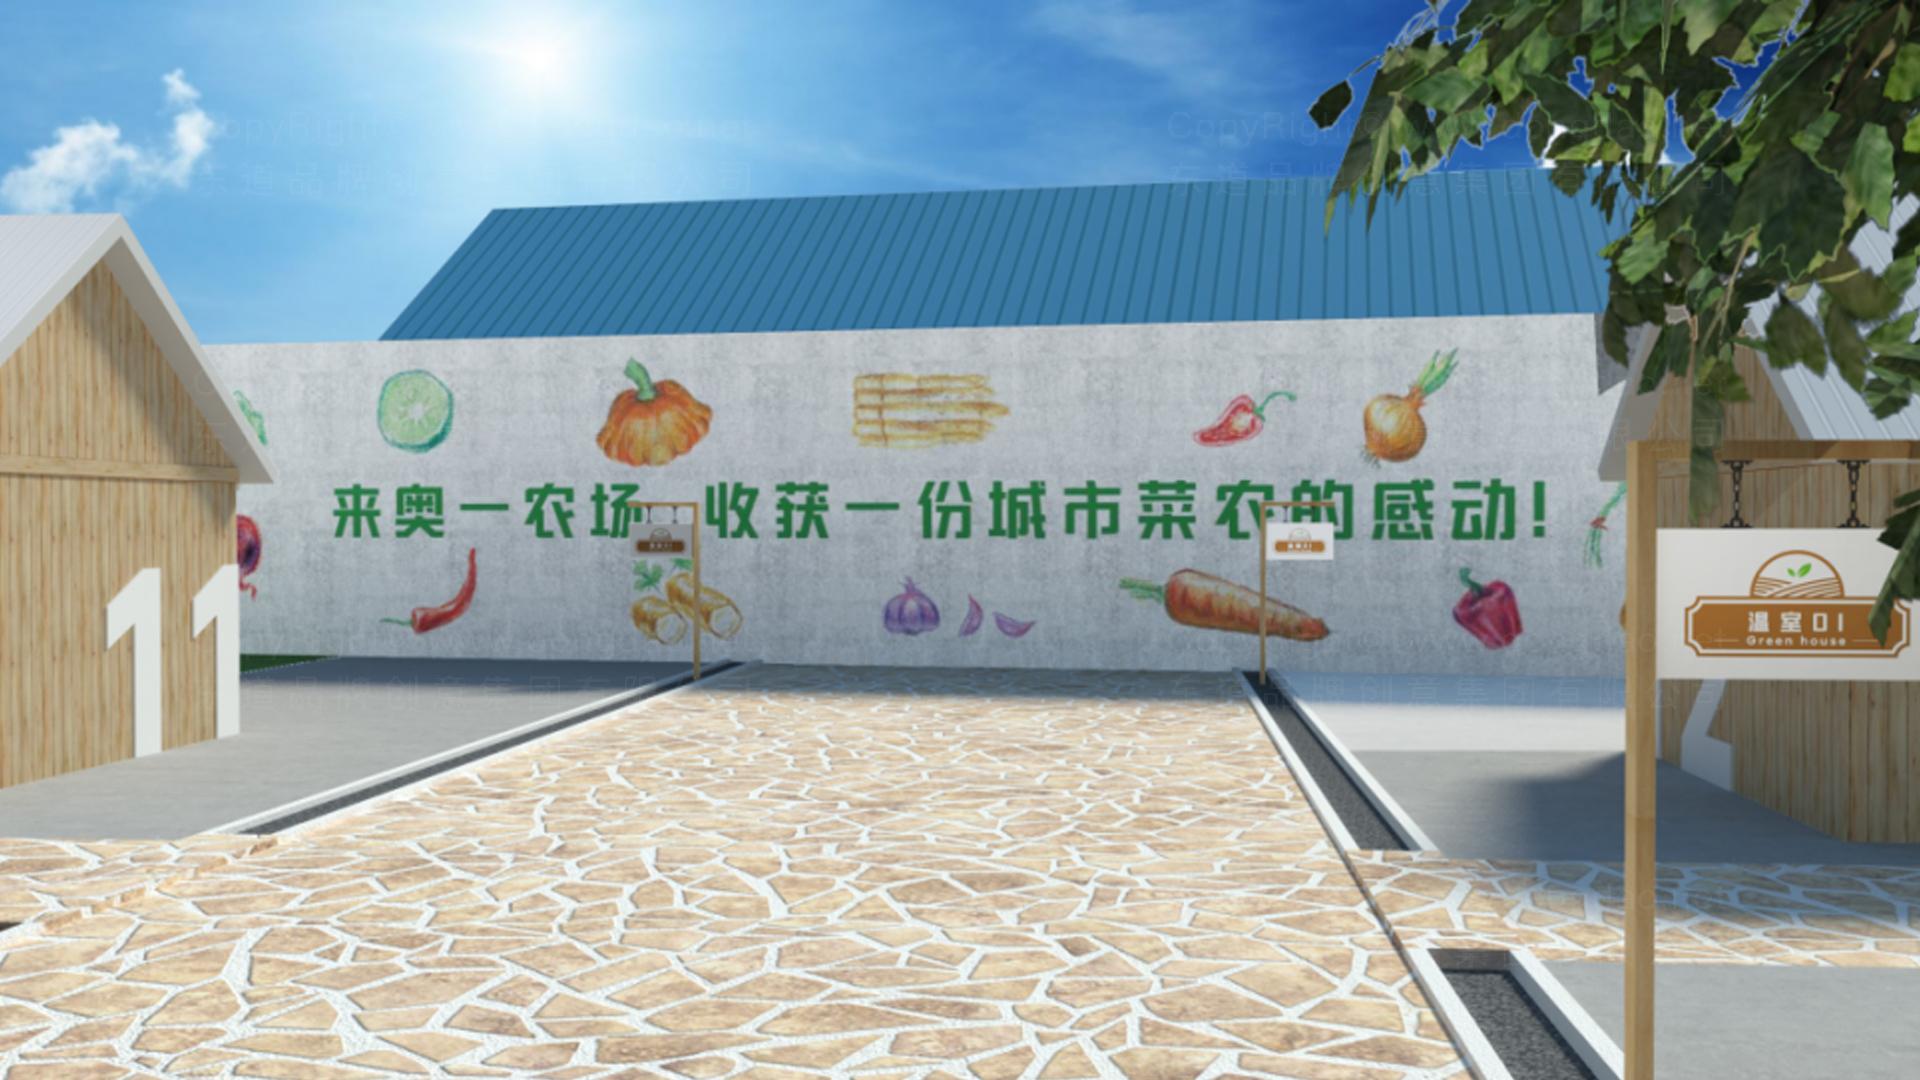 商业空间&导示奥一农场农场SI设计应用场景